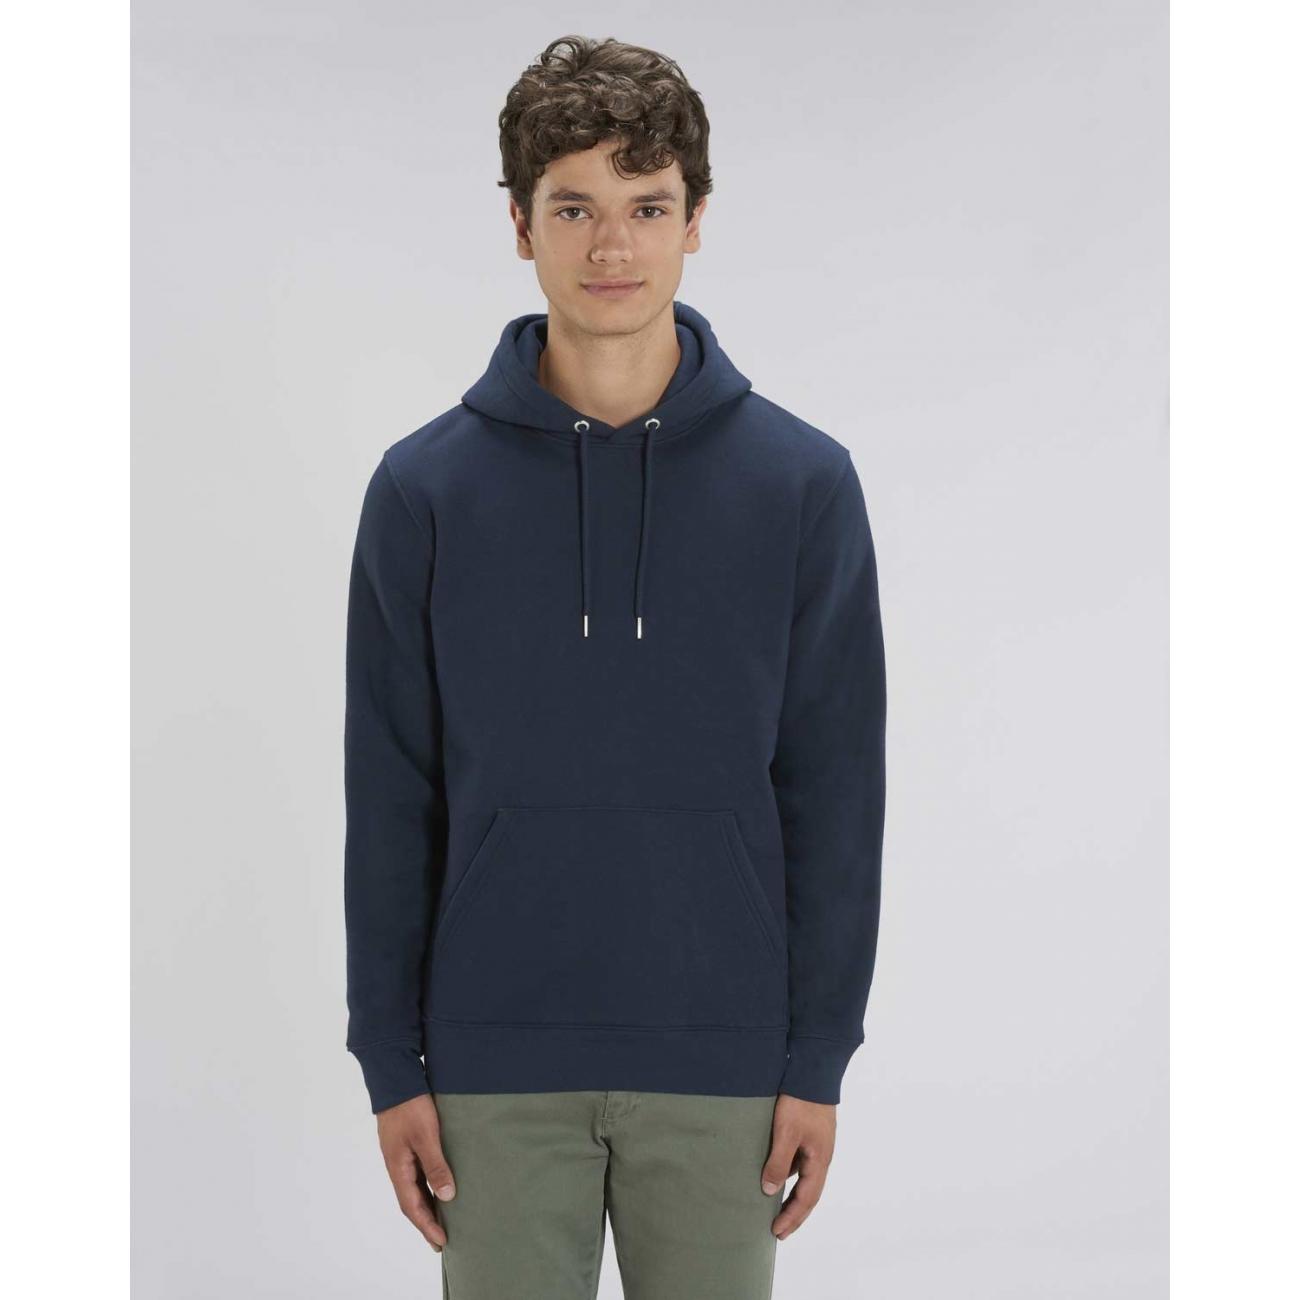 https://tee-shirt-bio.com/7203-thickbox_default/sweat-shirt-capuche-epais-et-interieur-doux-coton-bio-bleu-marine-fonce-navy-cruiser.jpg